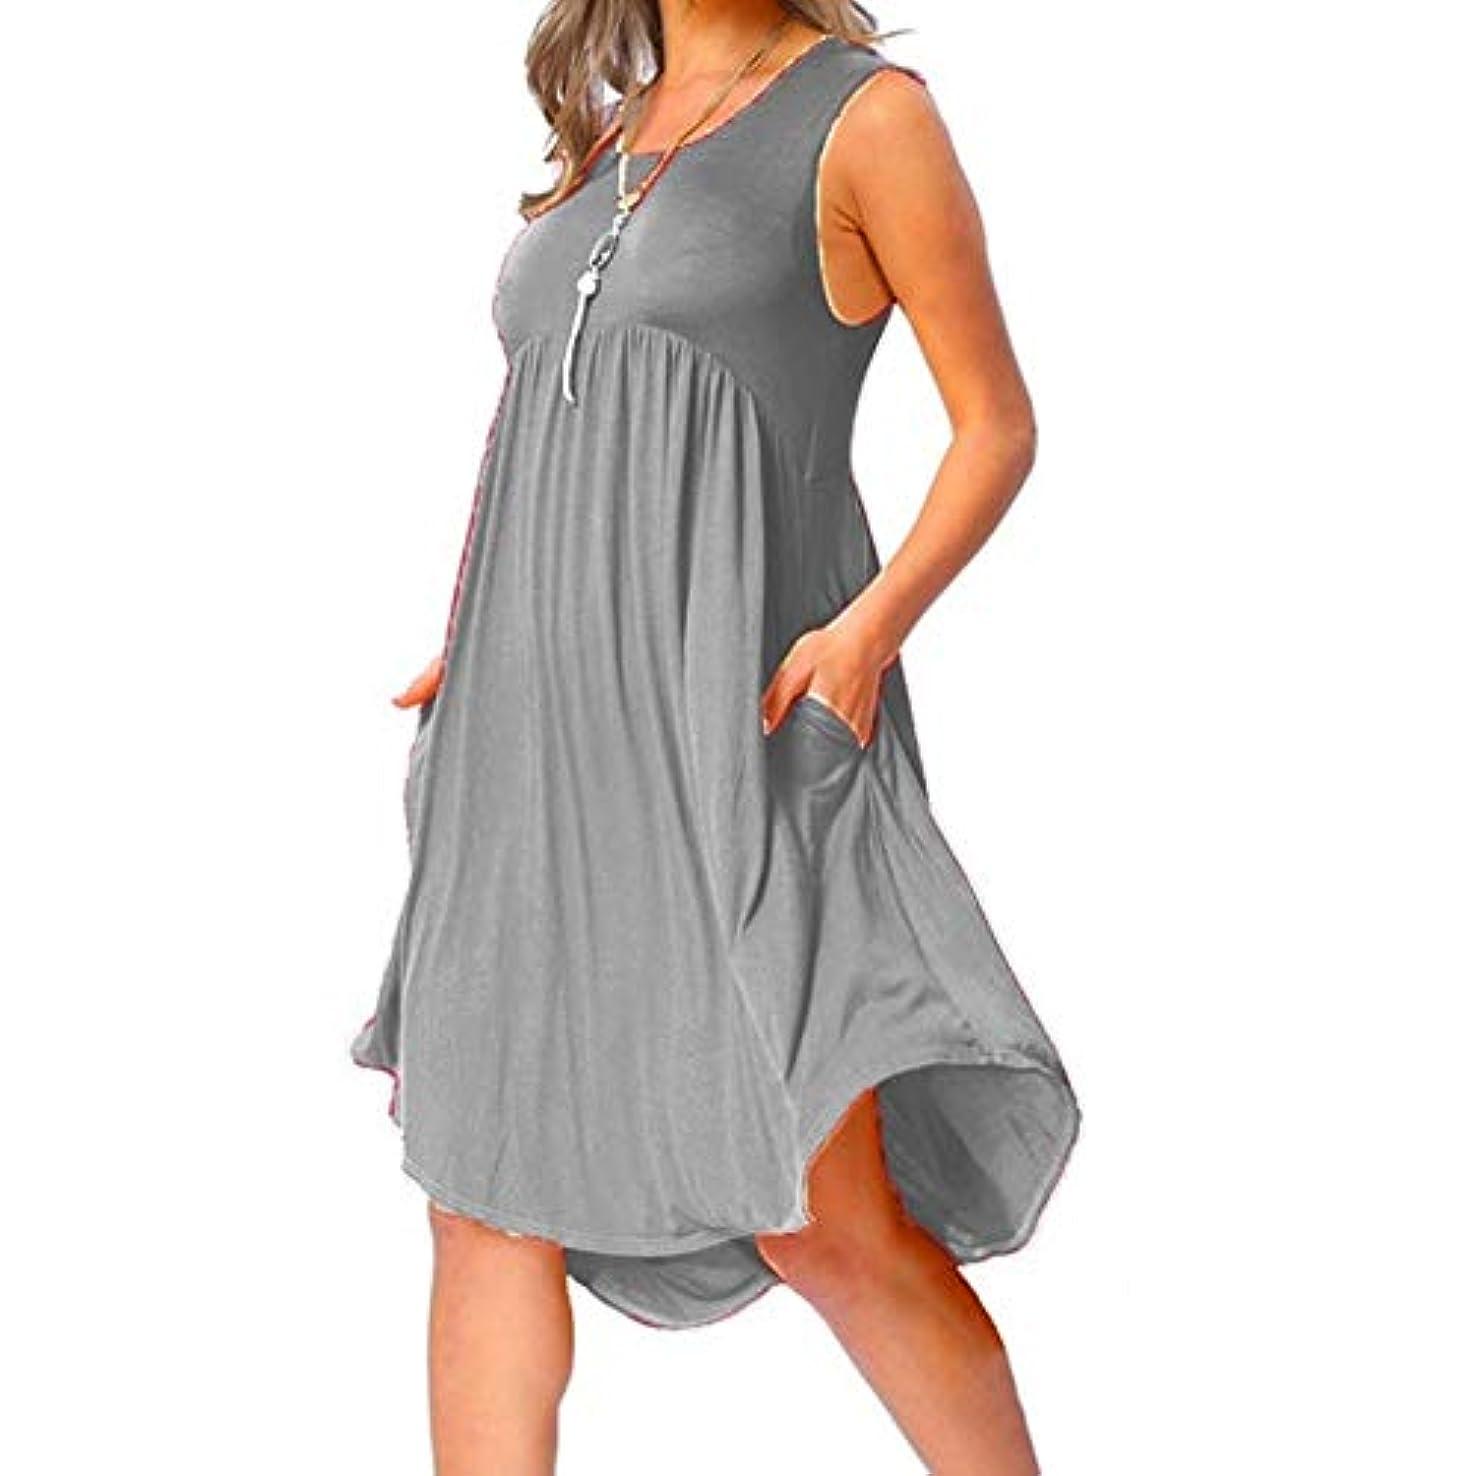 例示する捧げる細断MIFAN の女性のドレスカジュアルな不規則なドレスルースサマービーチTシャツドレス